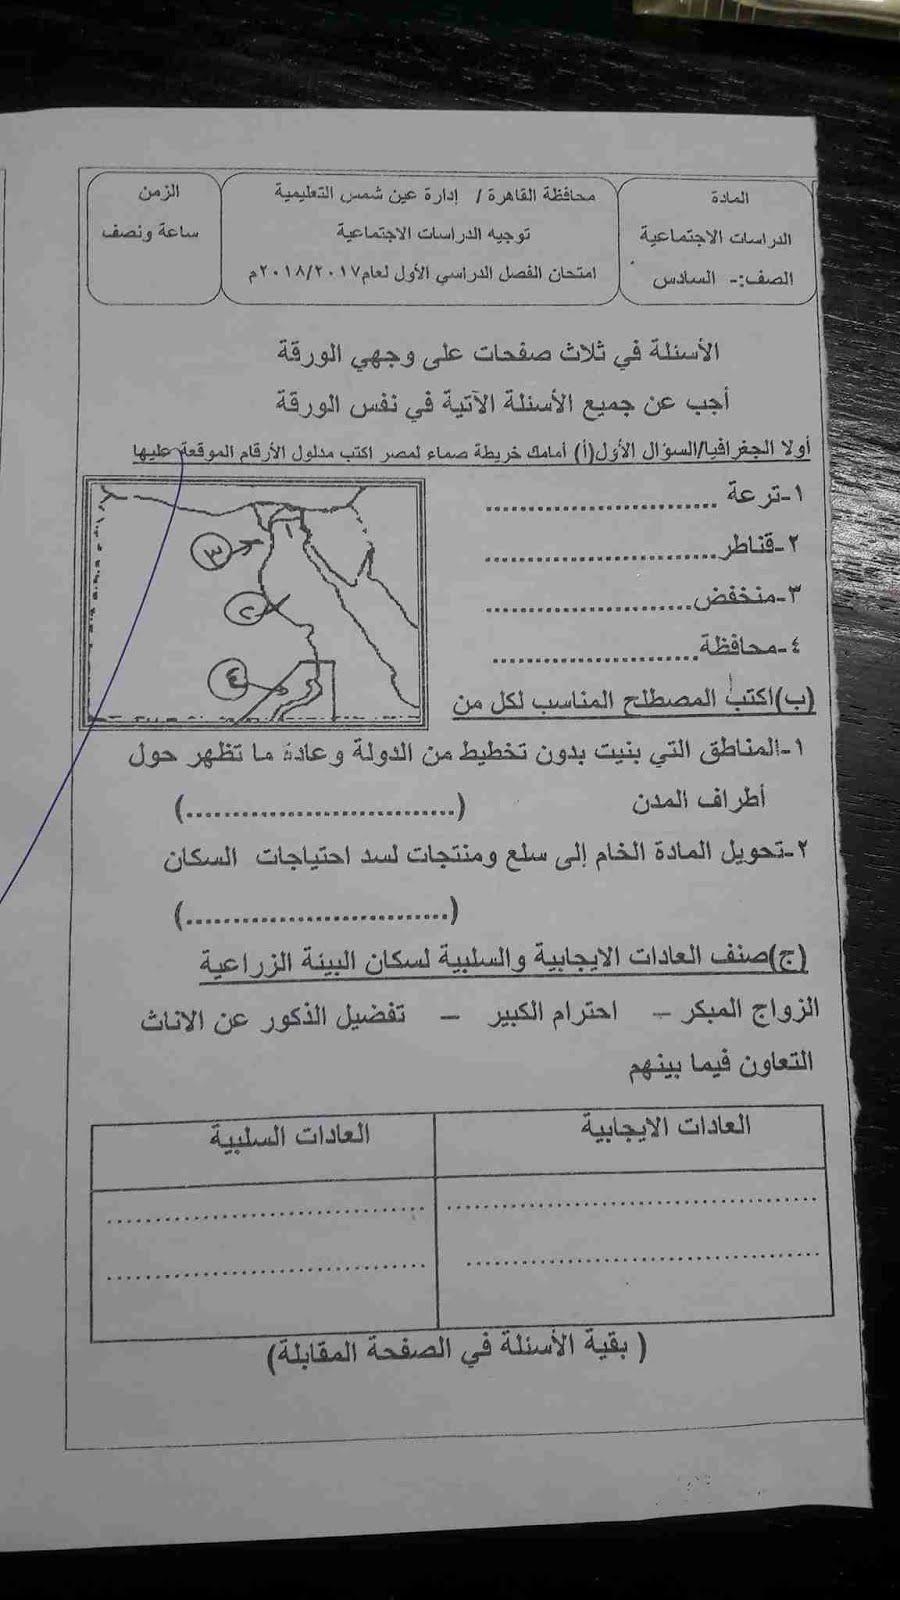 امتحان دراسات اجتماعية نصف العام 2018 للصف للسادس الابتدائي إدارة عين شمس